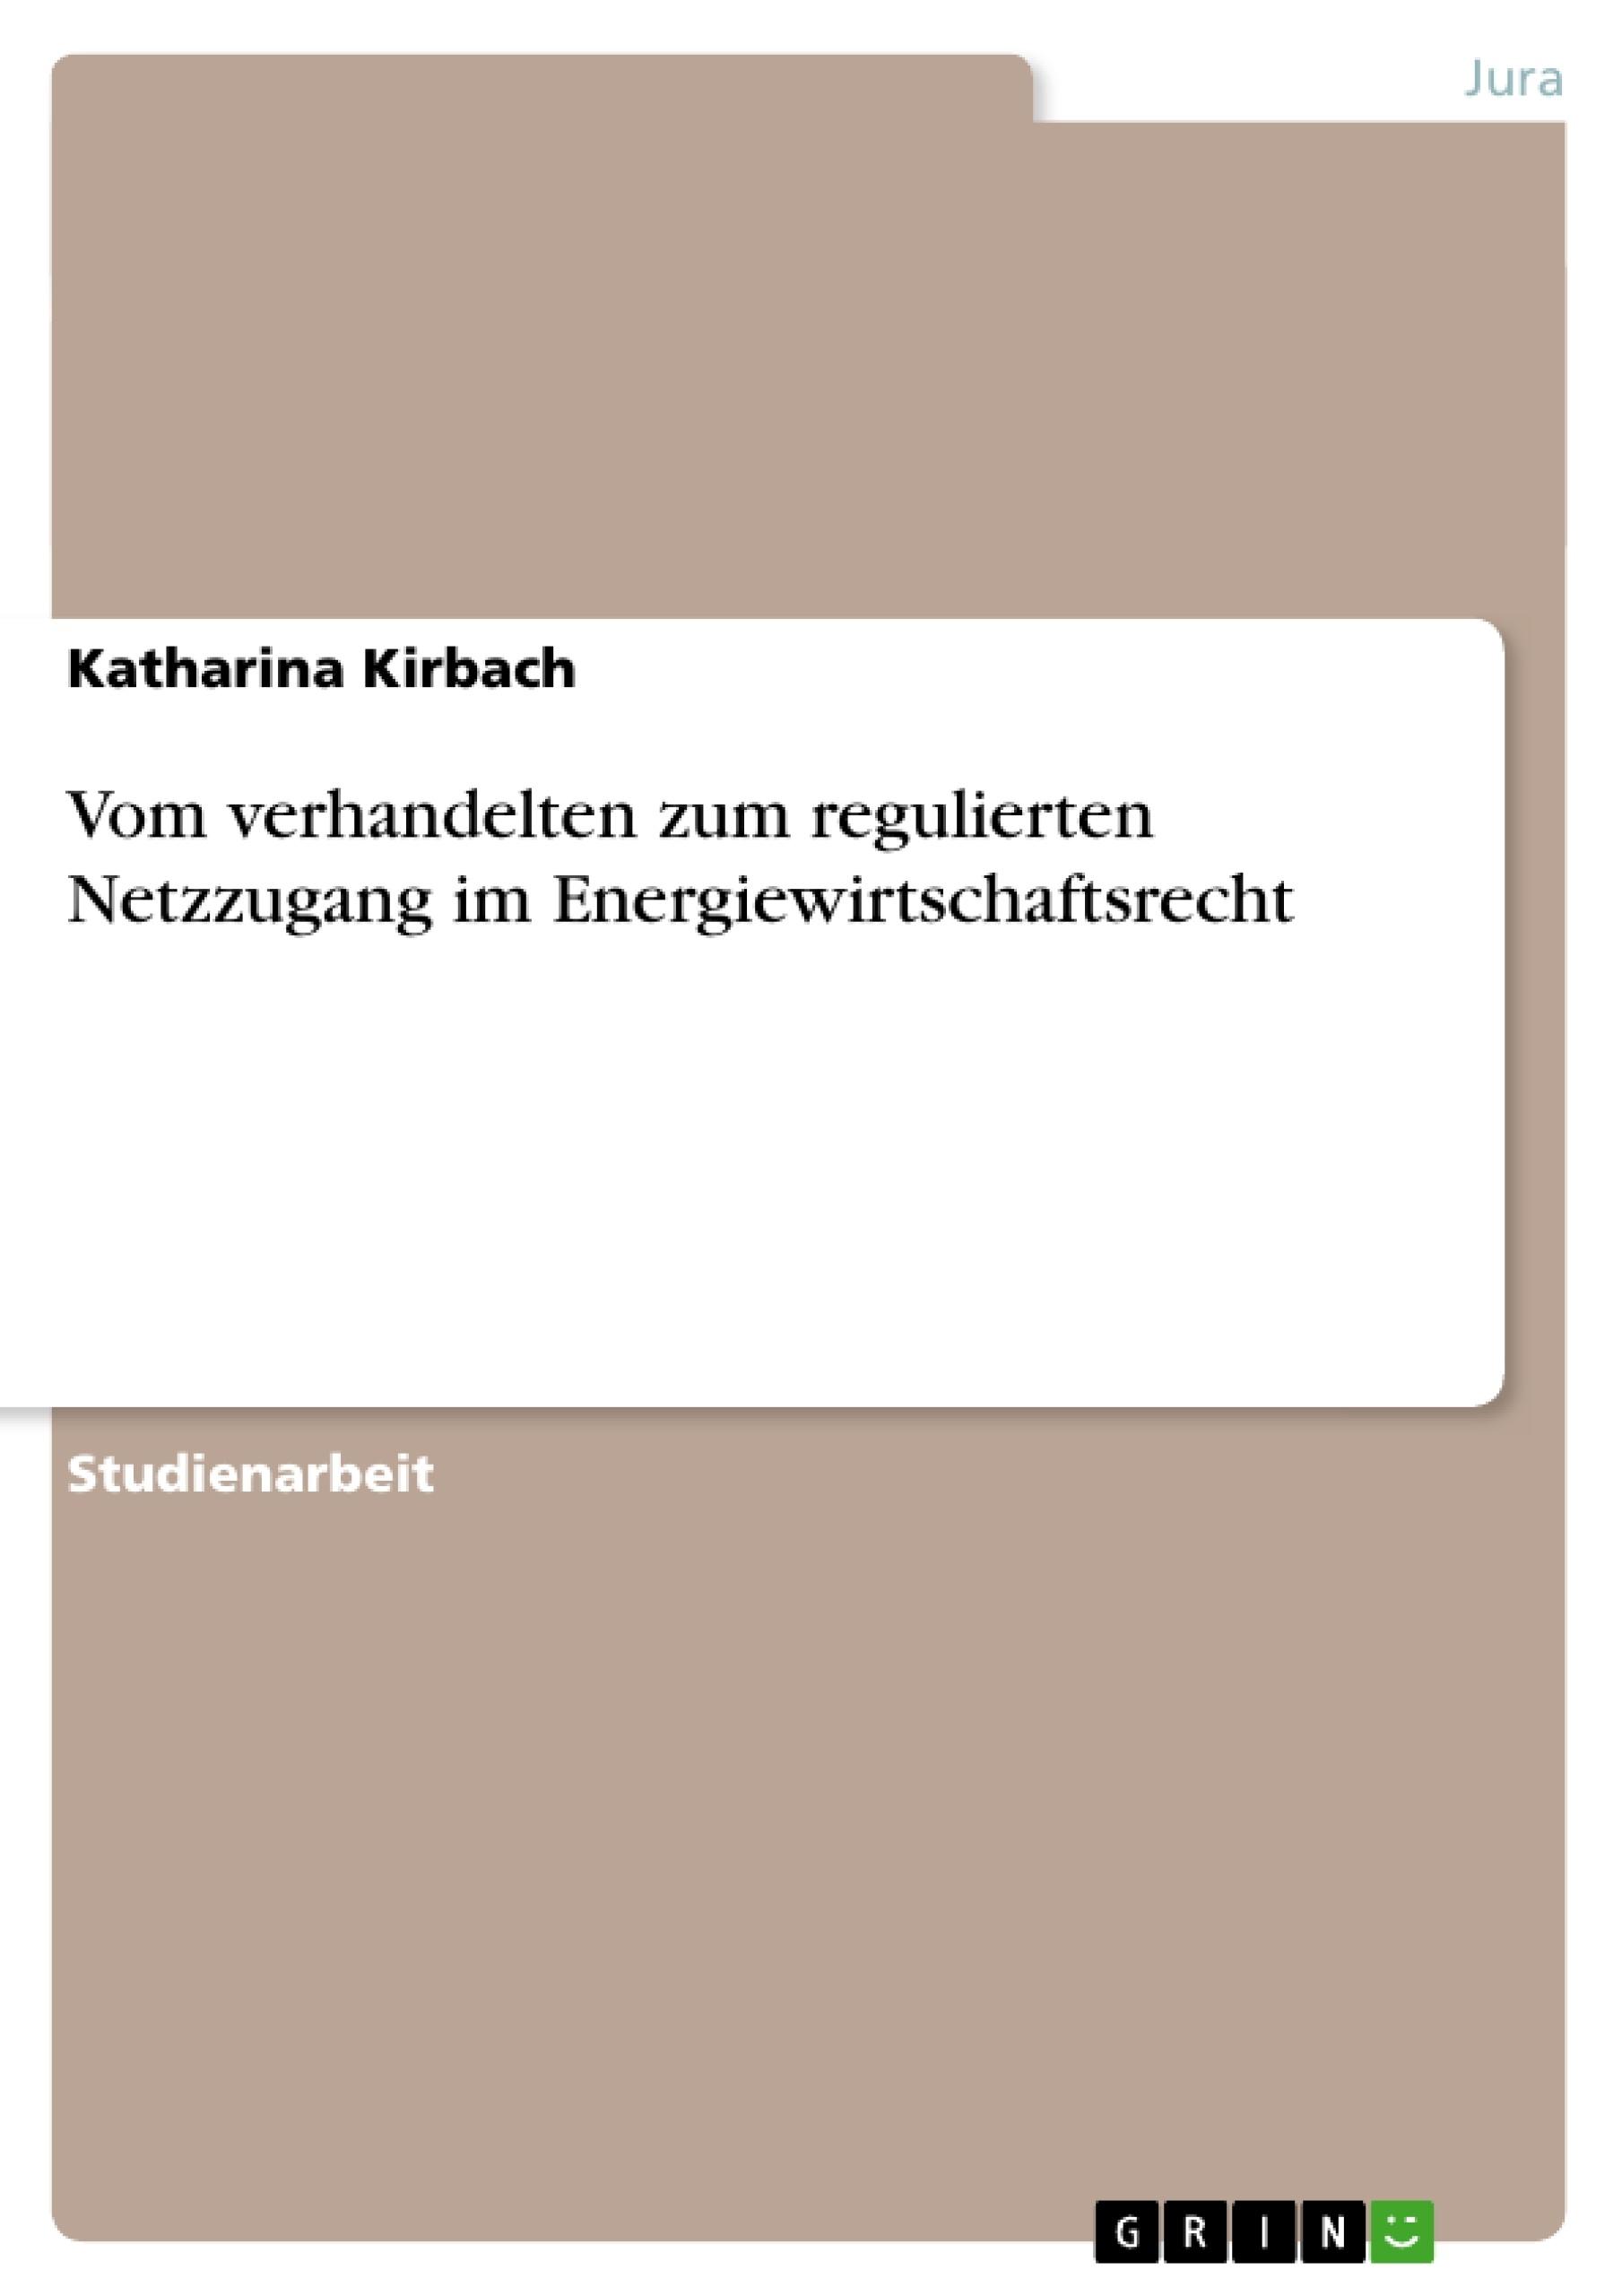 Titel: Vom verhandelten zum regulierten Netzzugang im Energiewirtschaftsrecht